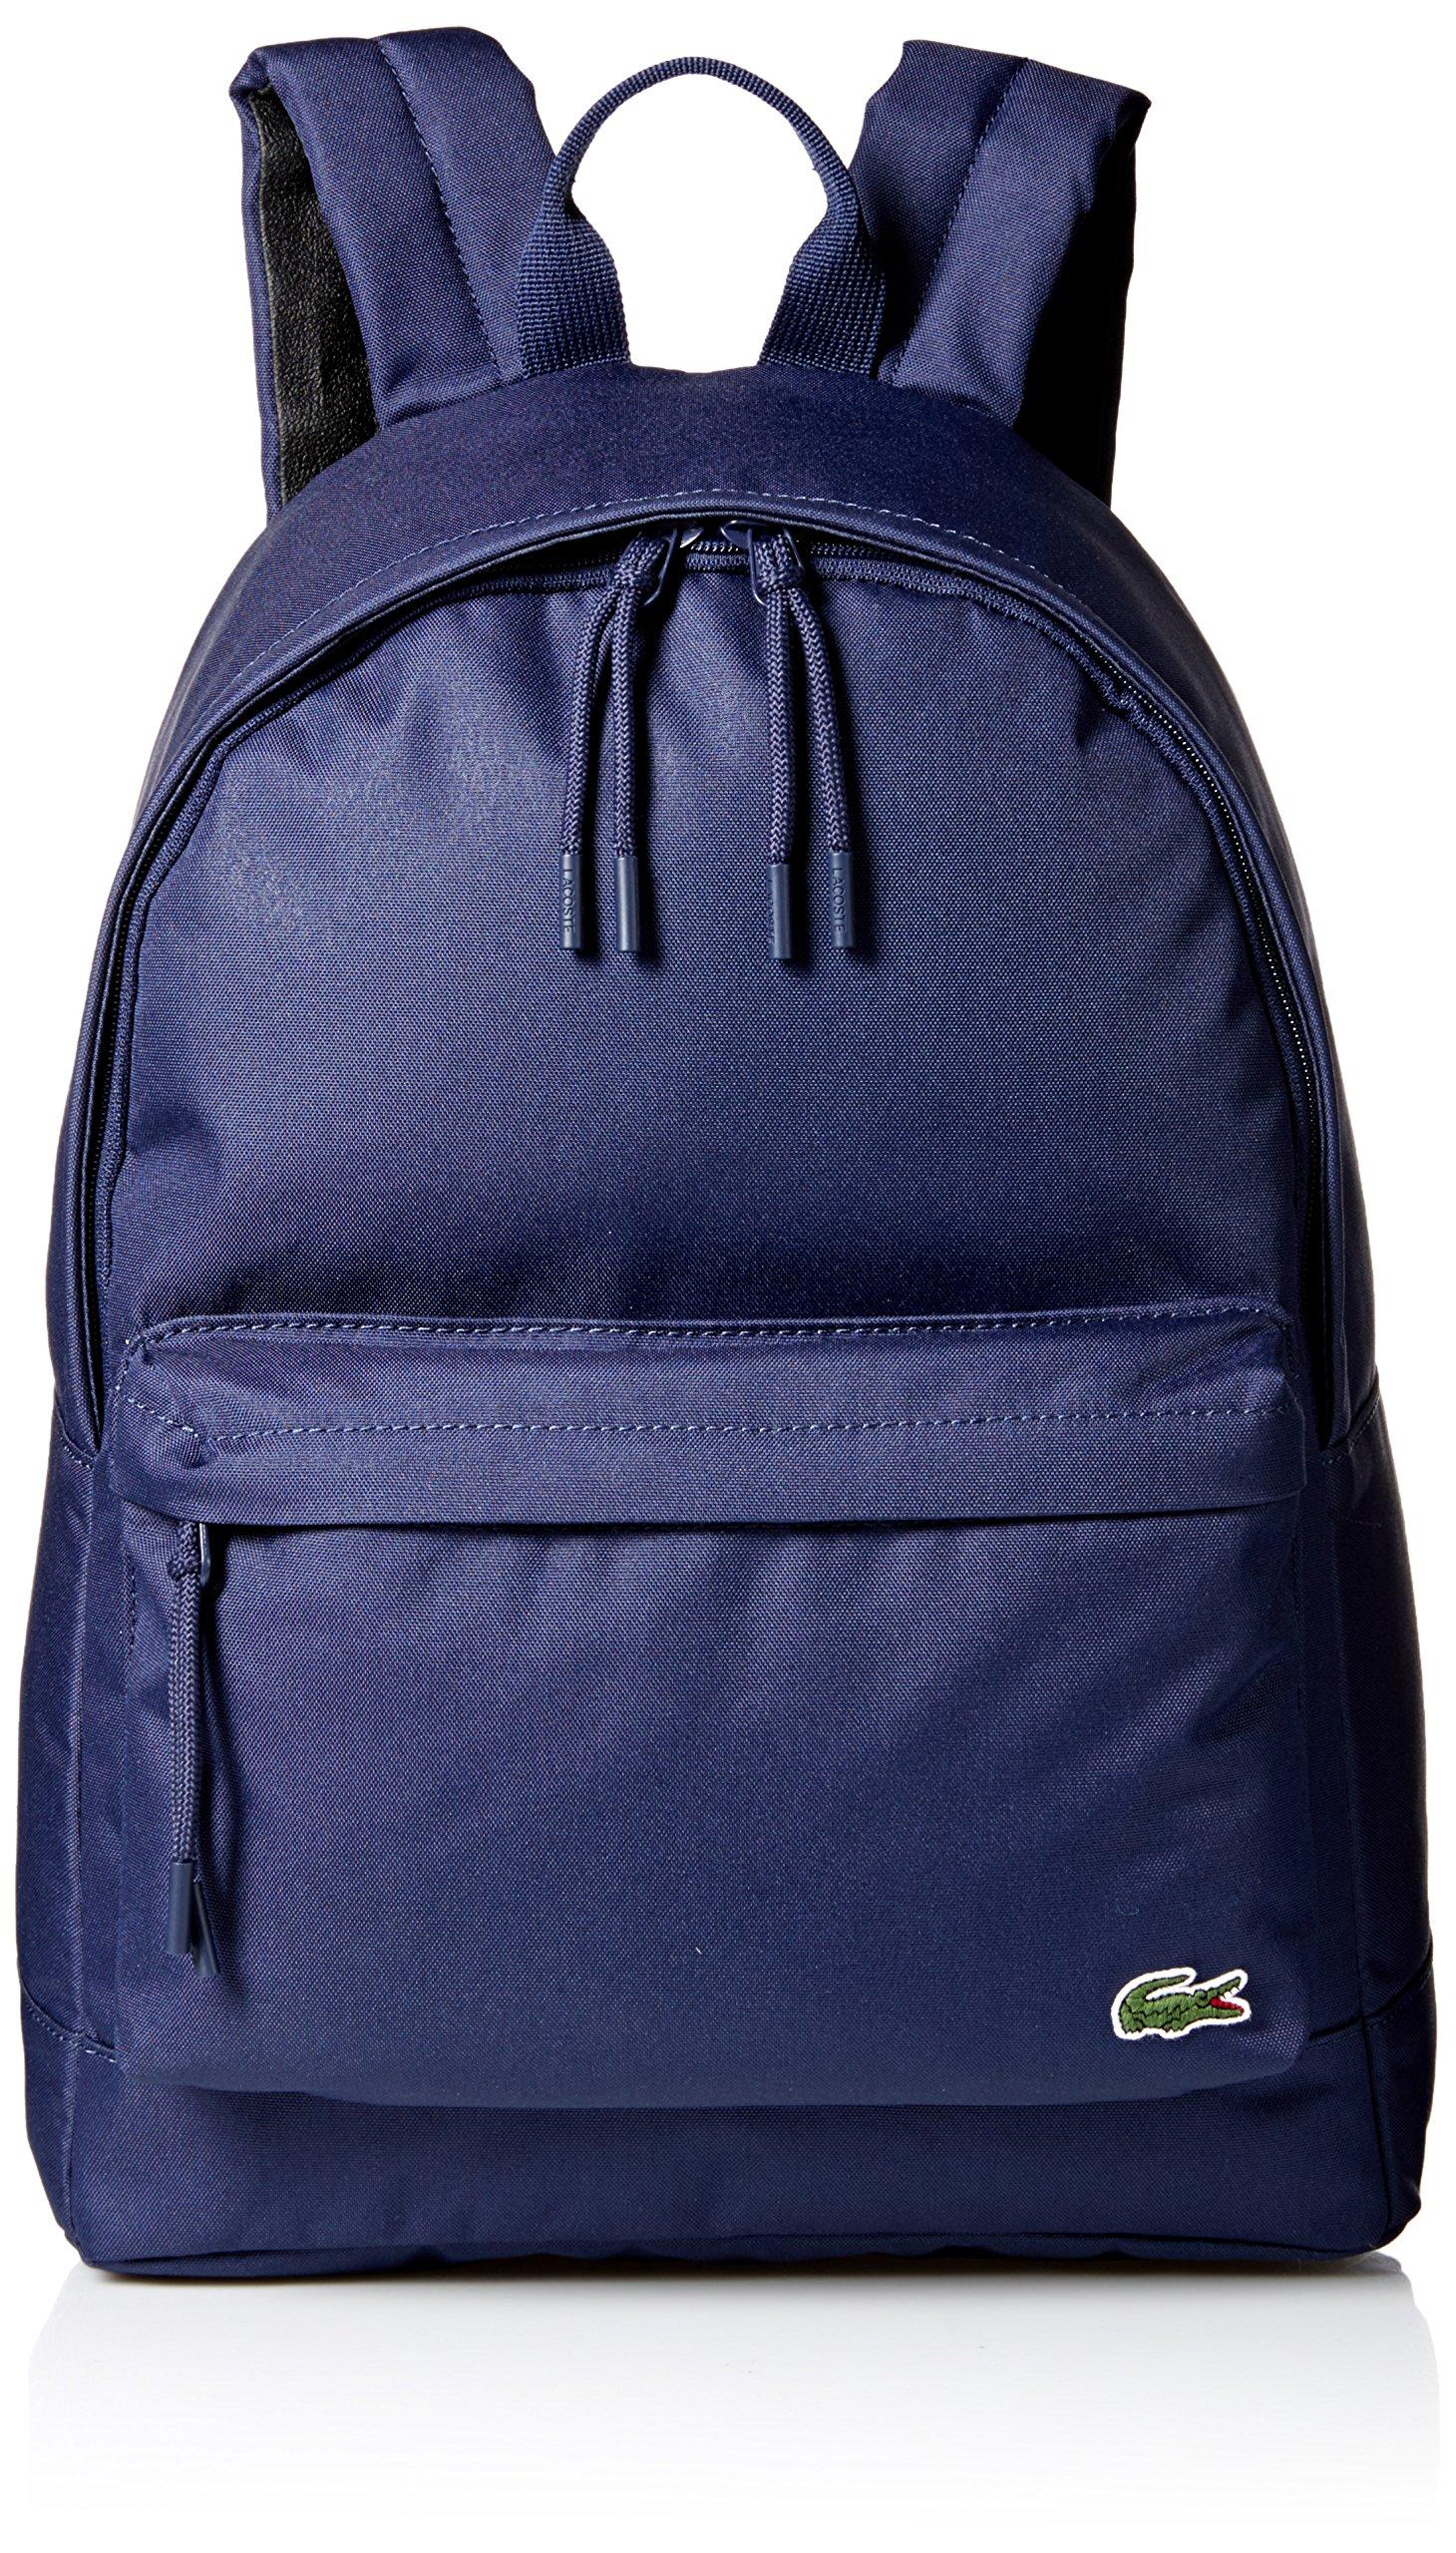 Lacoste Men's Neocroc Backpack, Peacoat